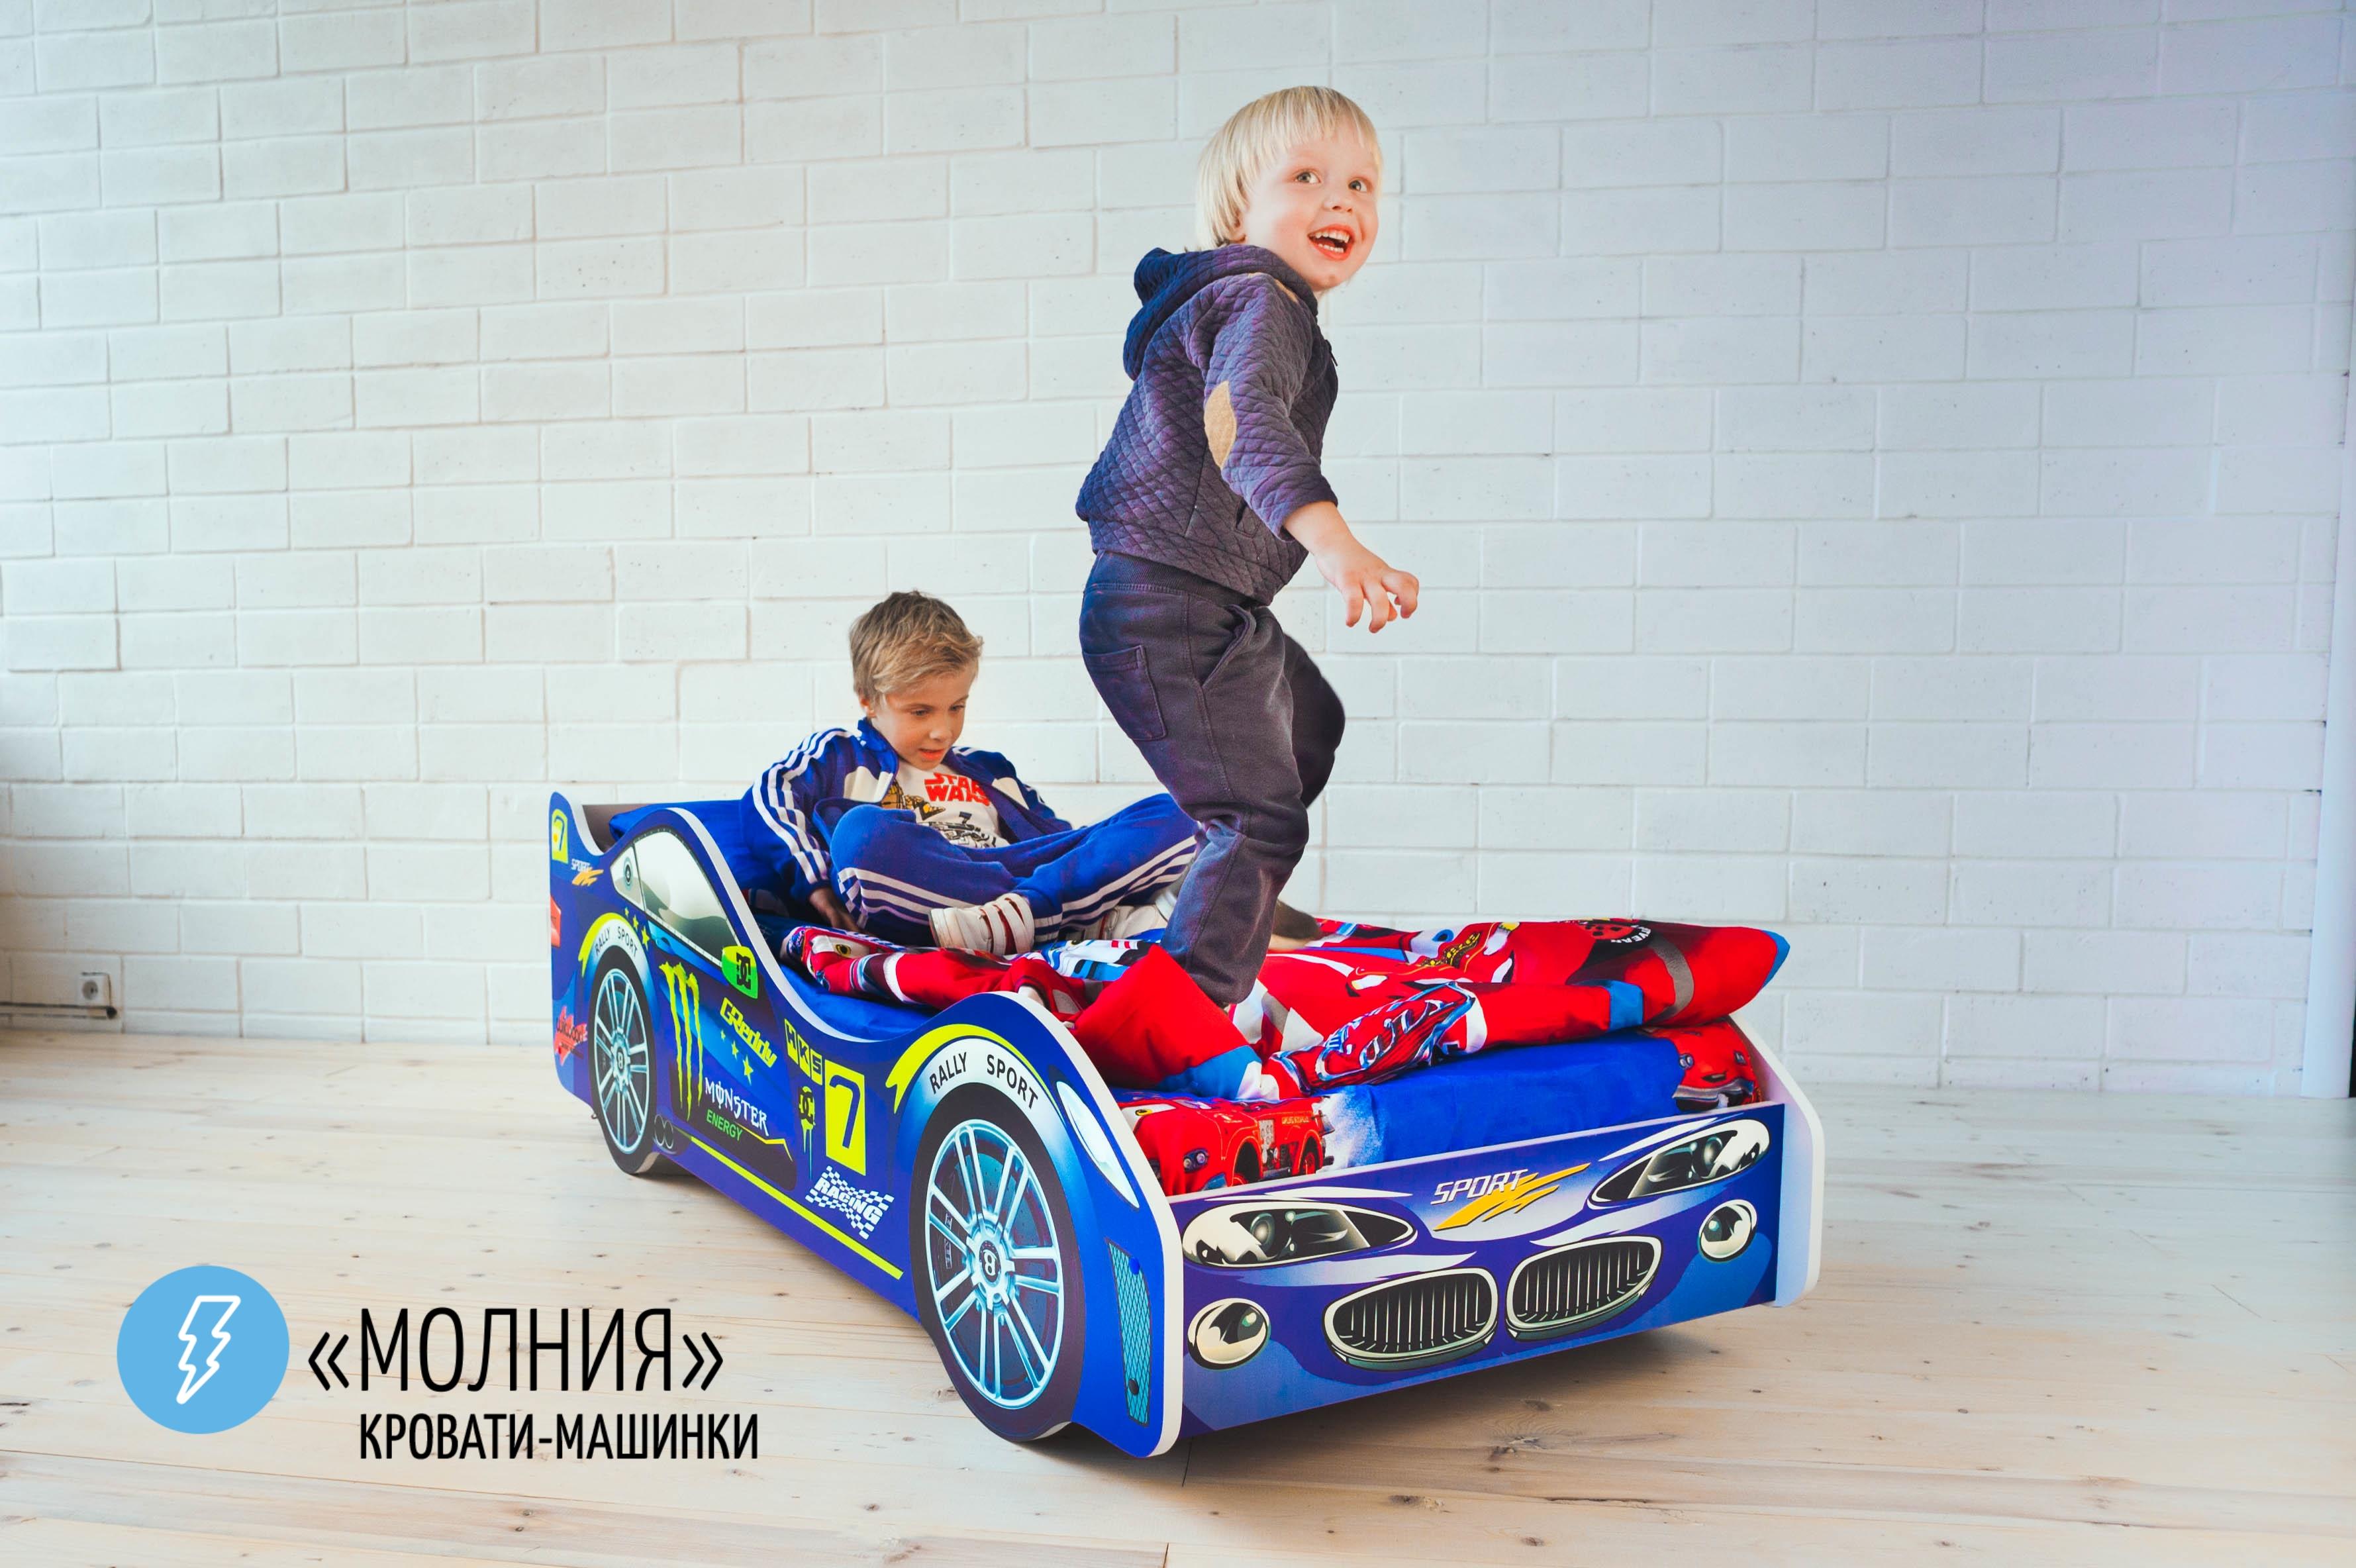 Детская кровать-машина -Молния-1